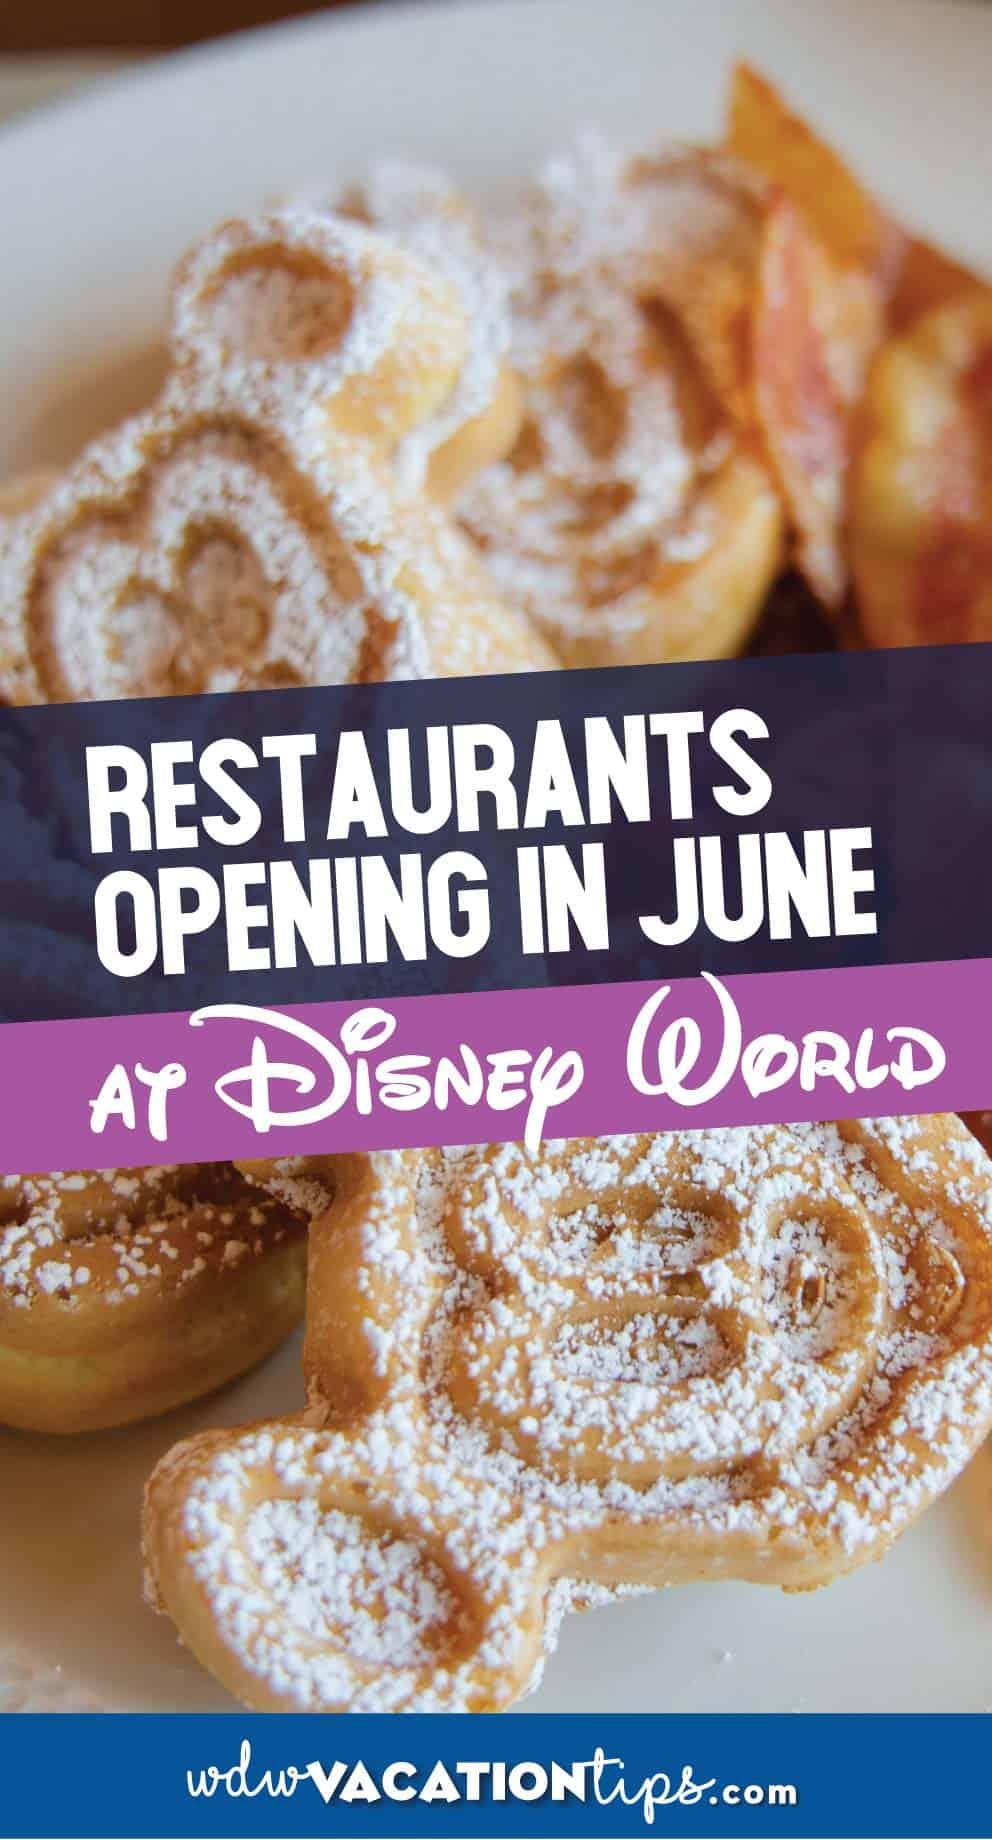 Disney Resort Restaurants Reopening in June 5